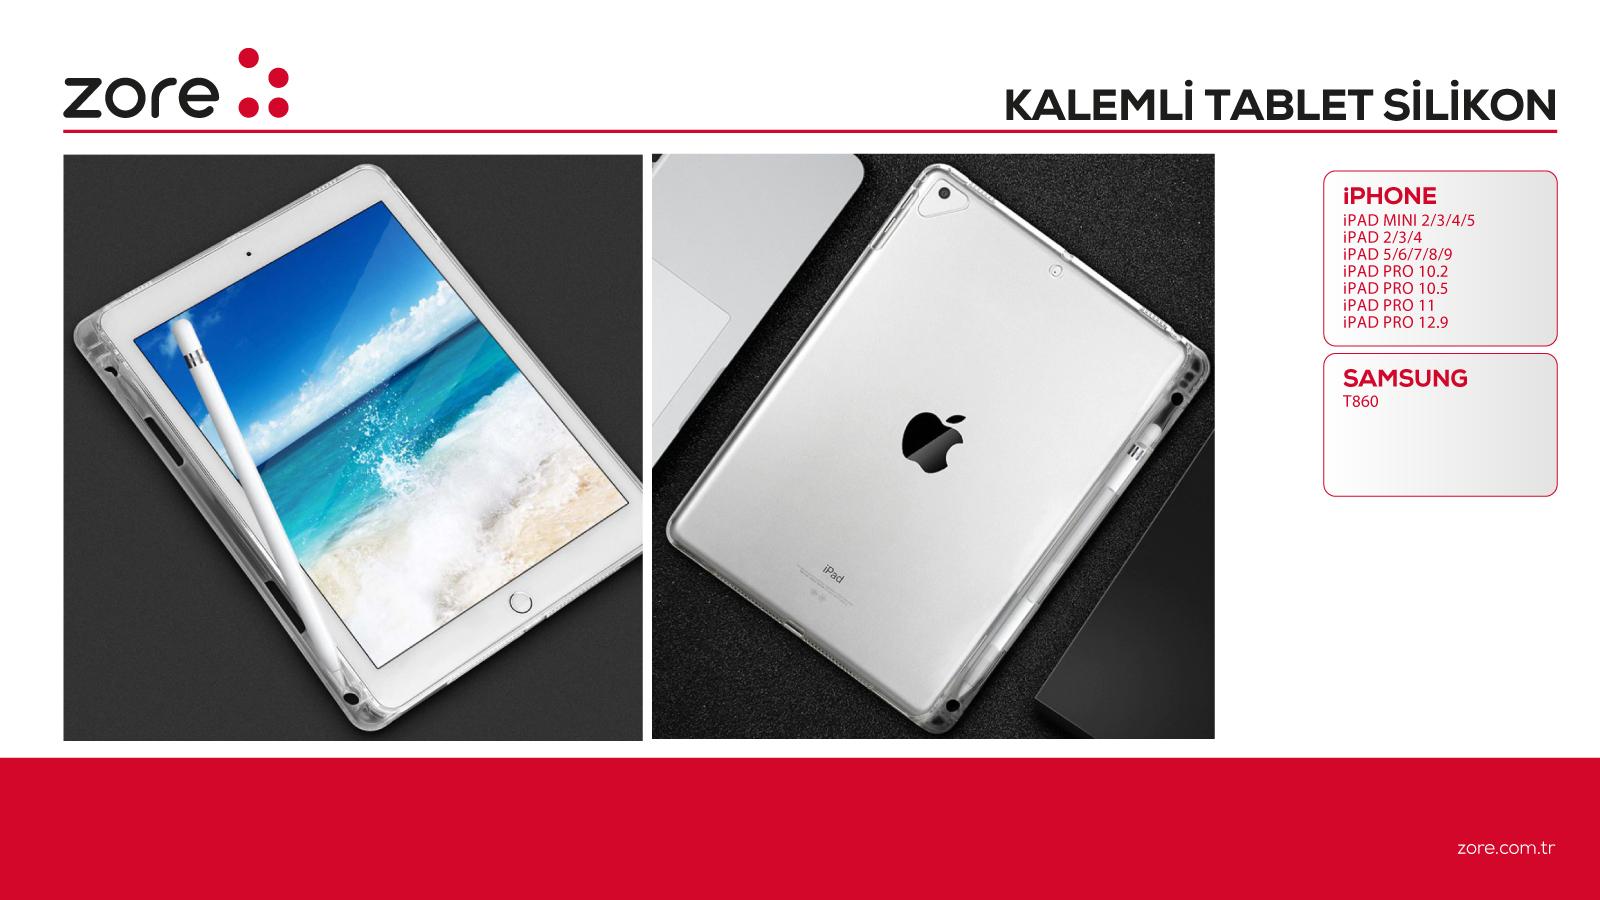 kalemli tablet silikon.jpg (501 KB)